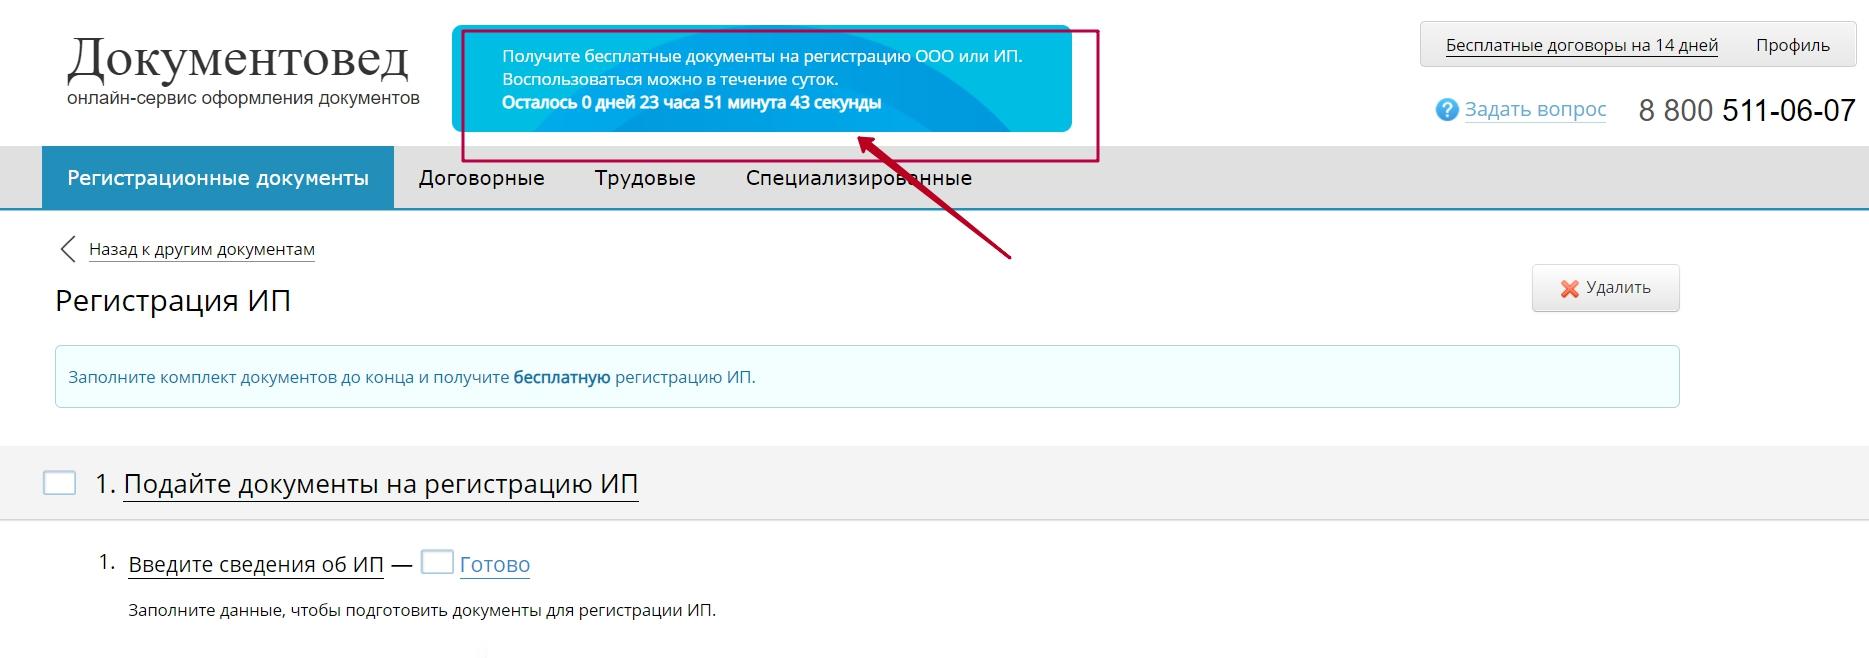 Регистрация ИП таймер